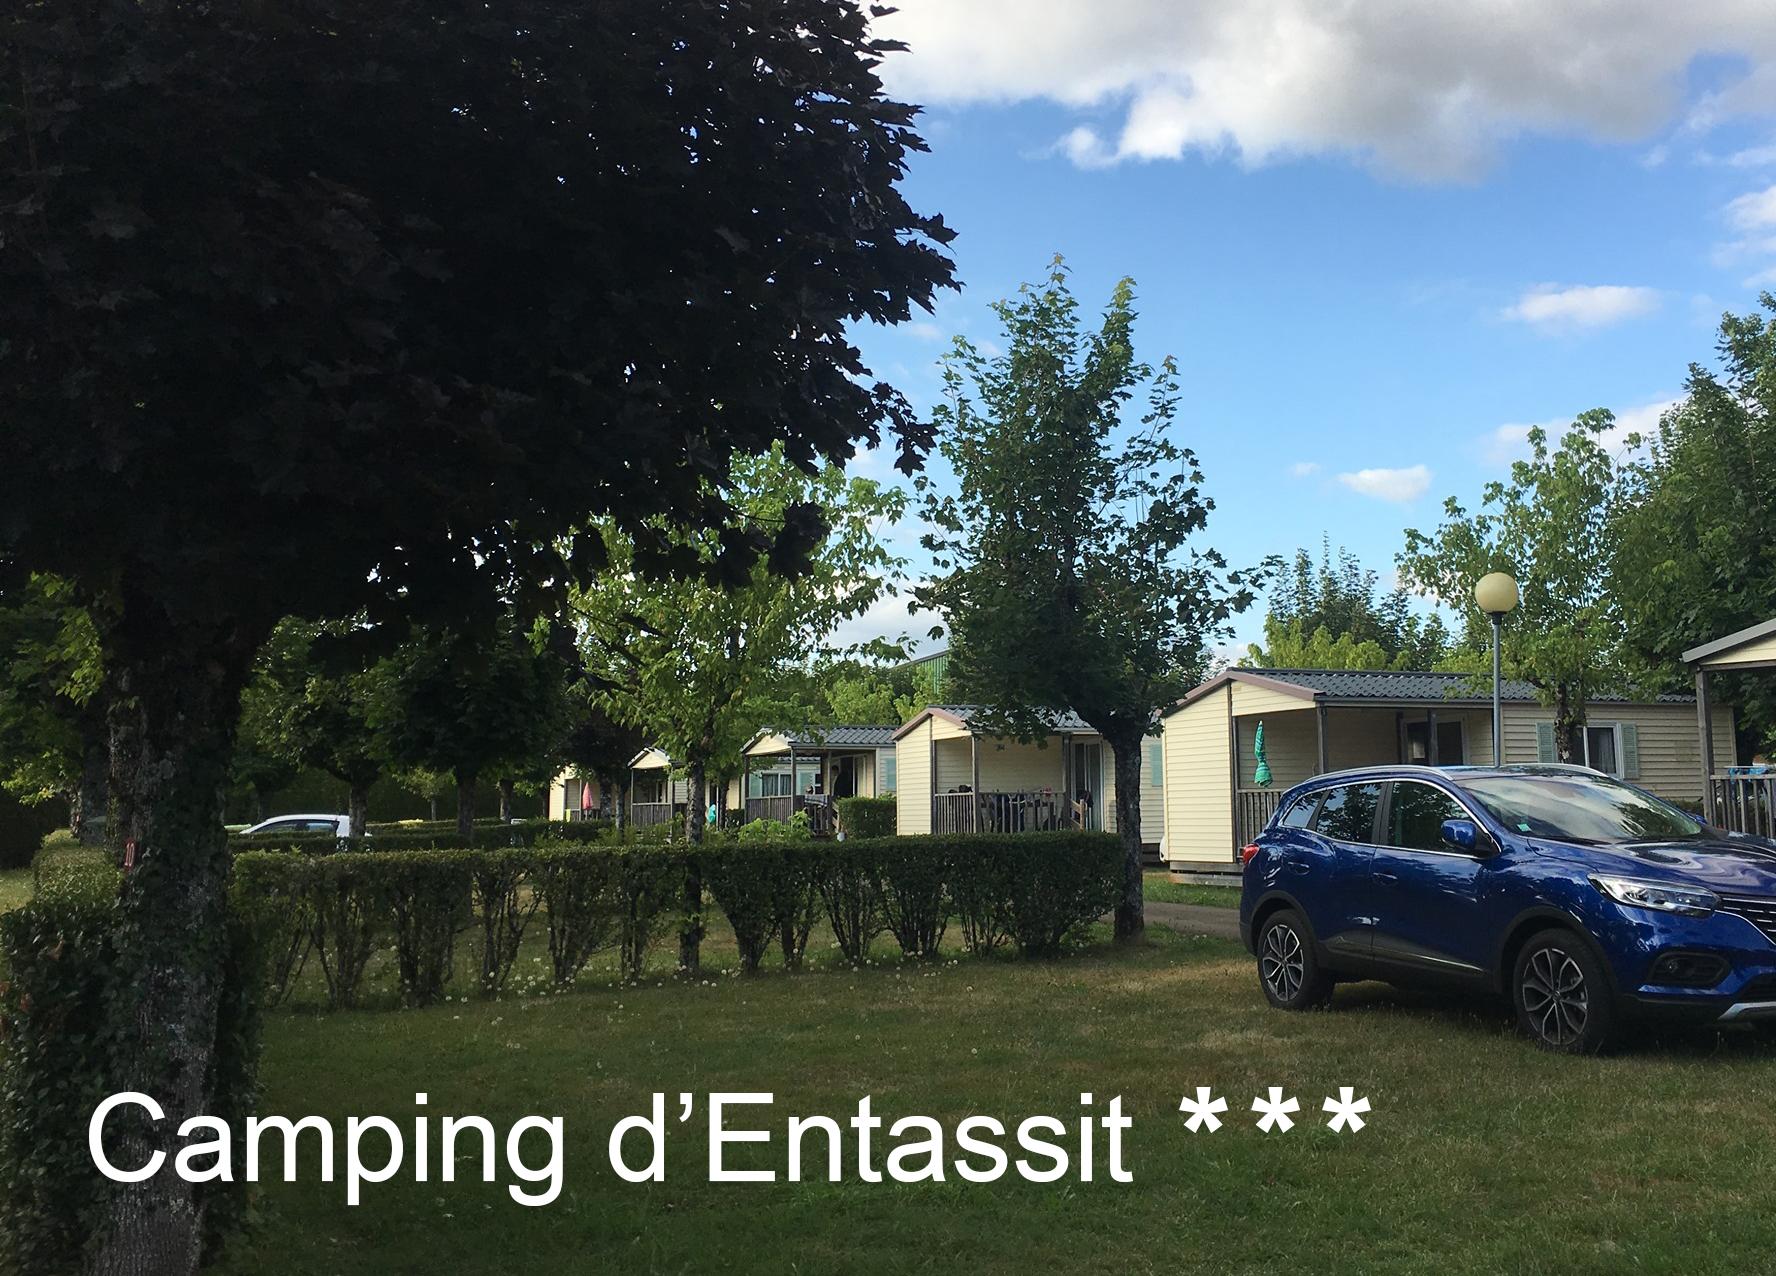 Camping d'Entassit, Pleaux